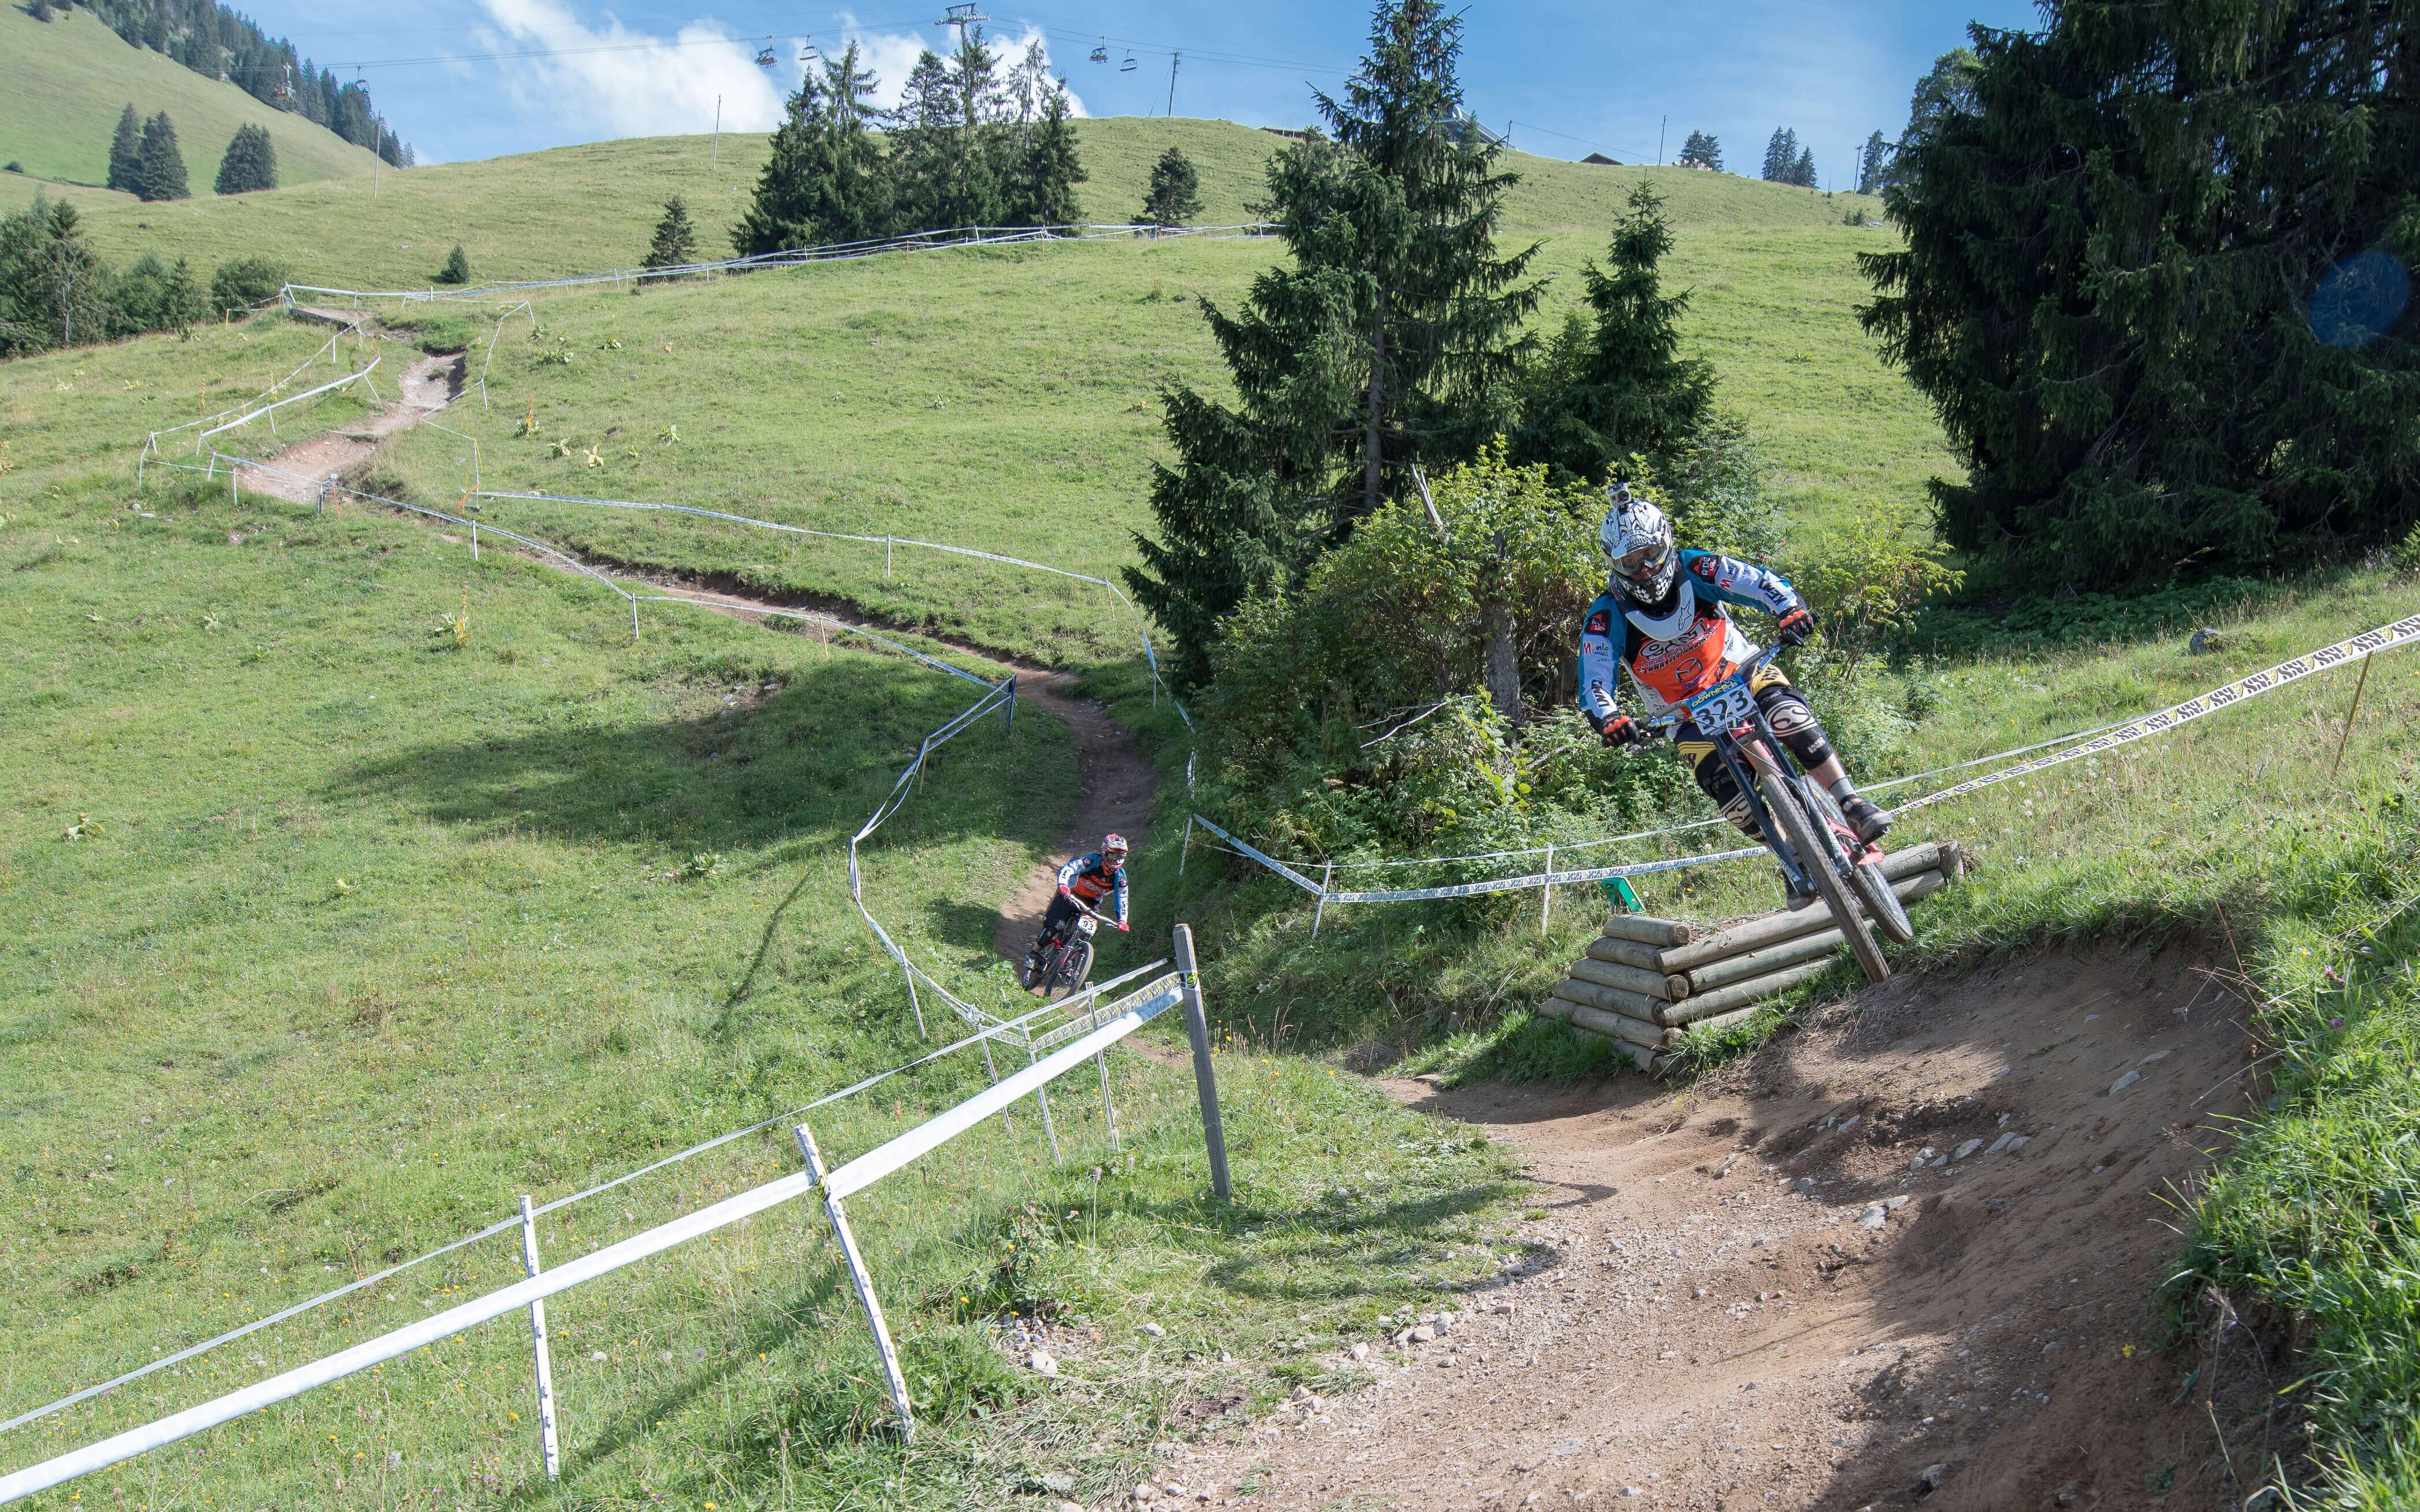 Gemeinsam Spass auf dem Downhill-Trail